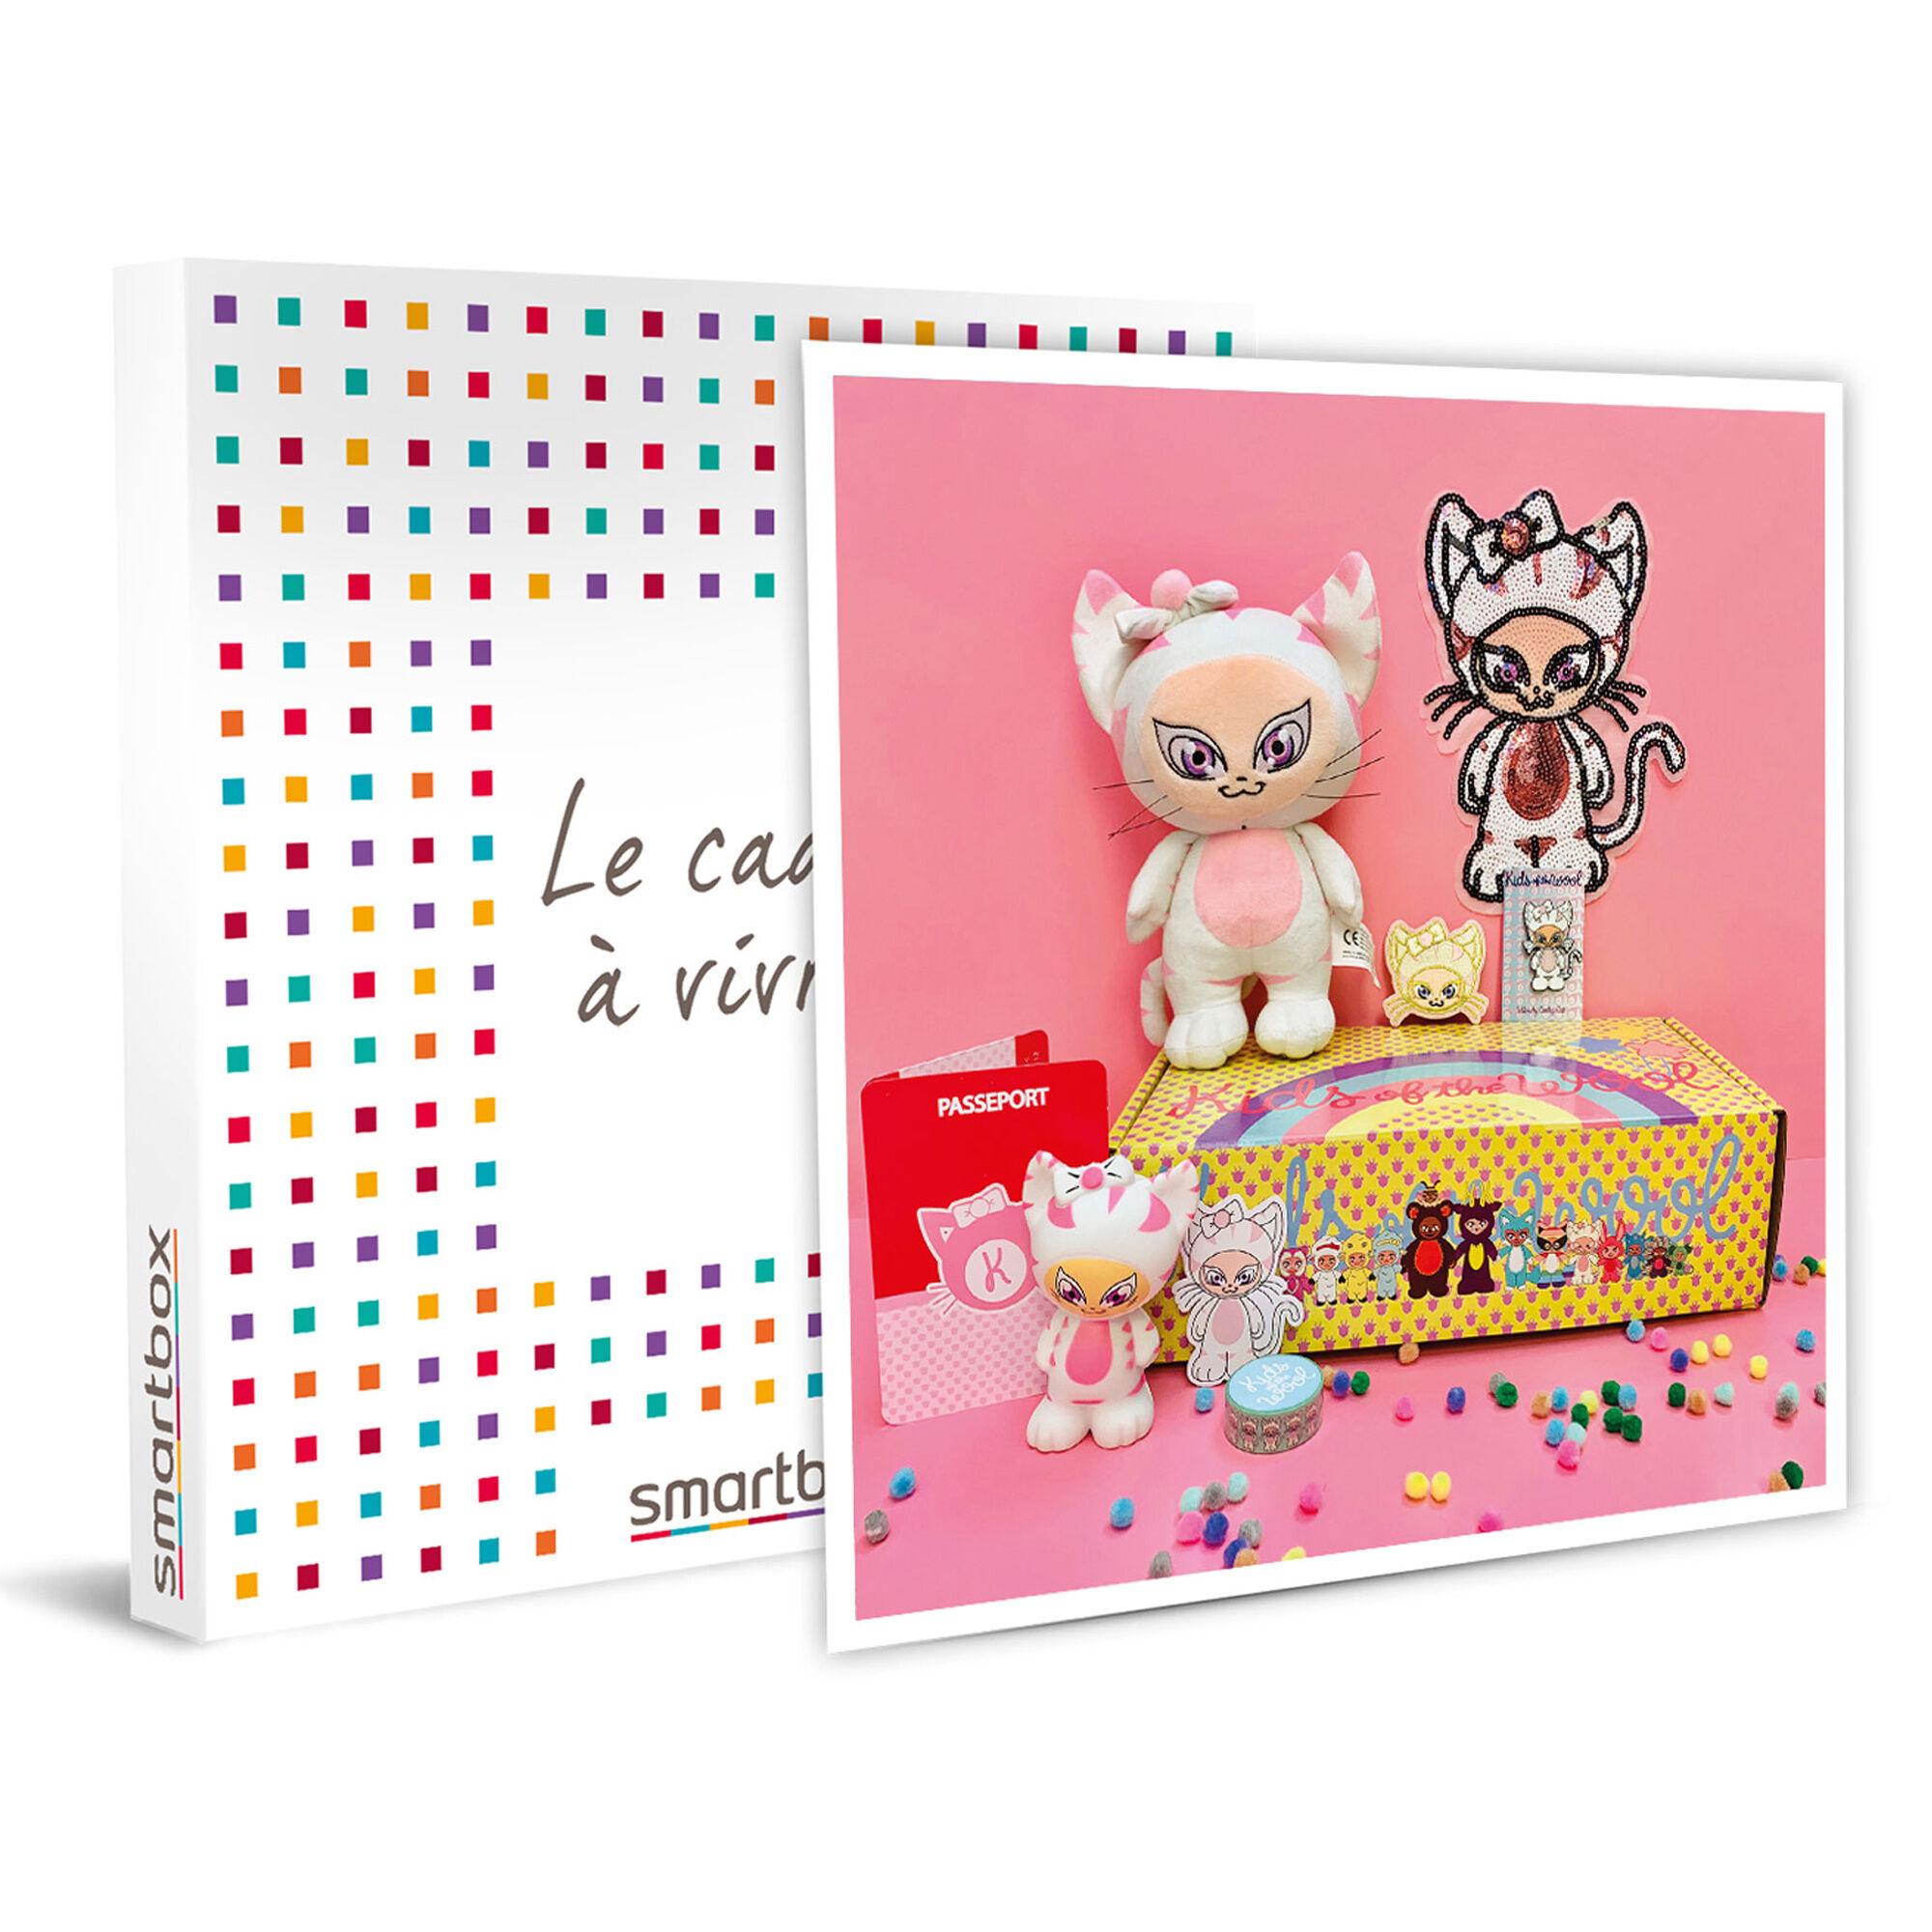 Smartbox Box Cathy Cat d'activités créatives et éducatives pour enfants Coffret cadeau Smartbox